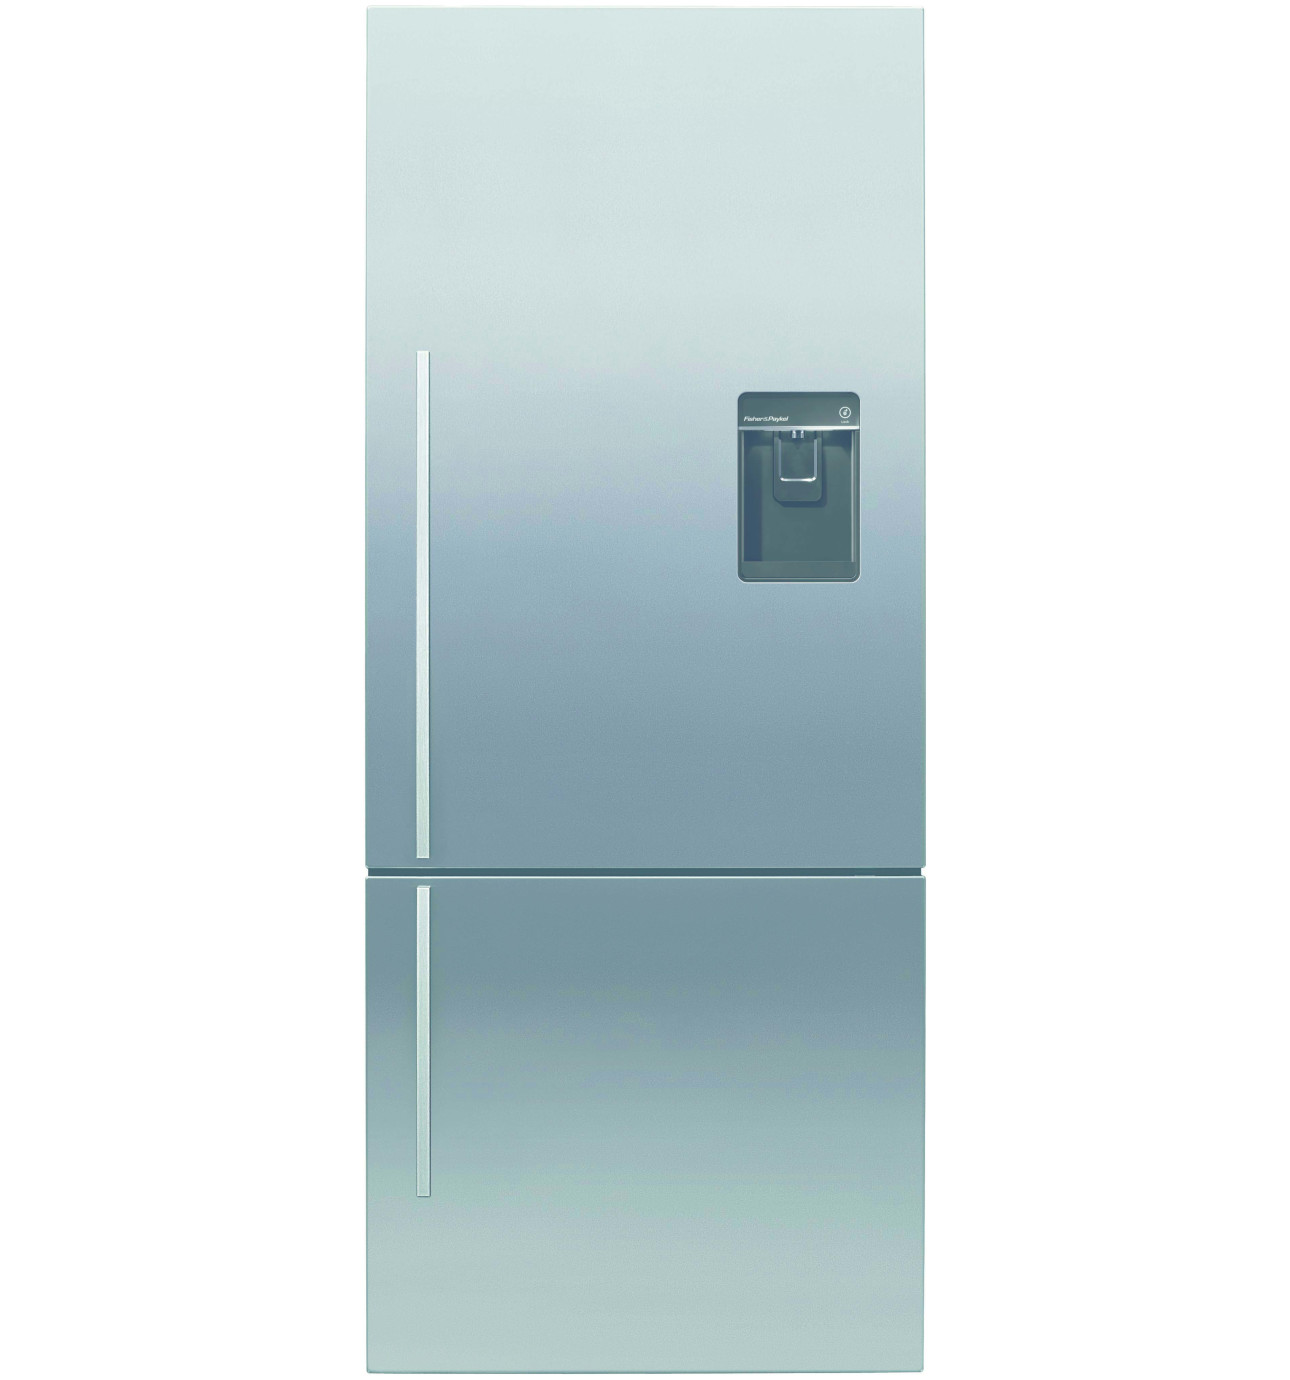 e442brxfdu5 442l bottom mount fridge